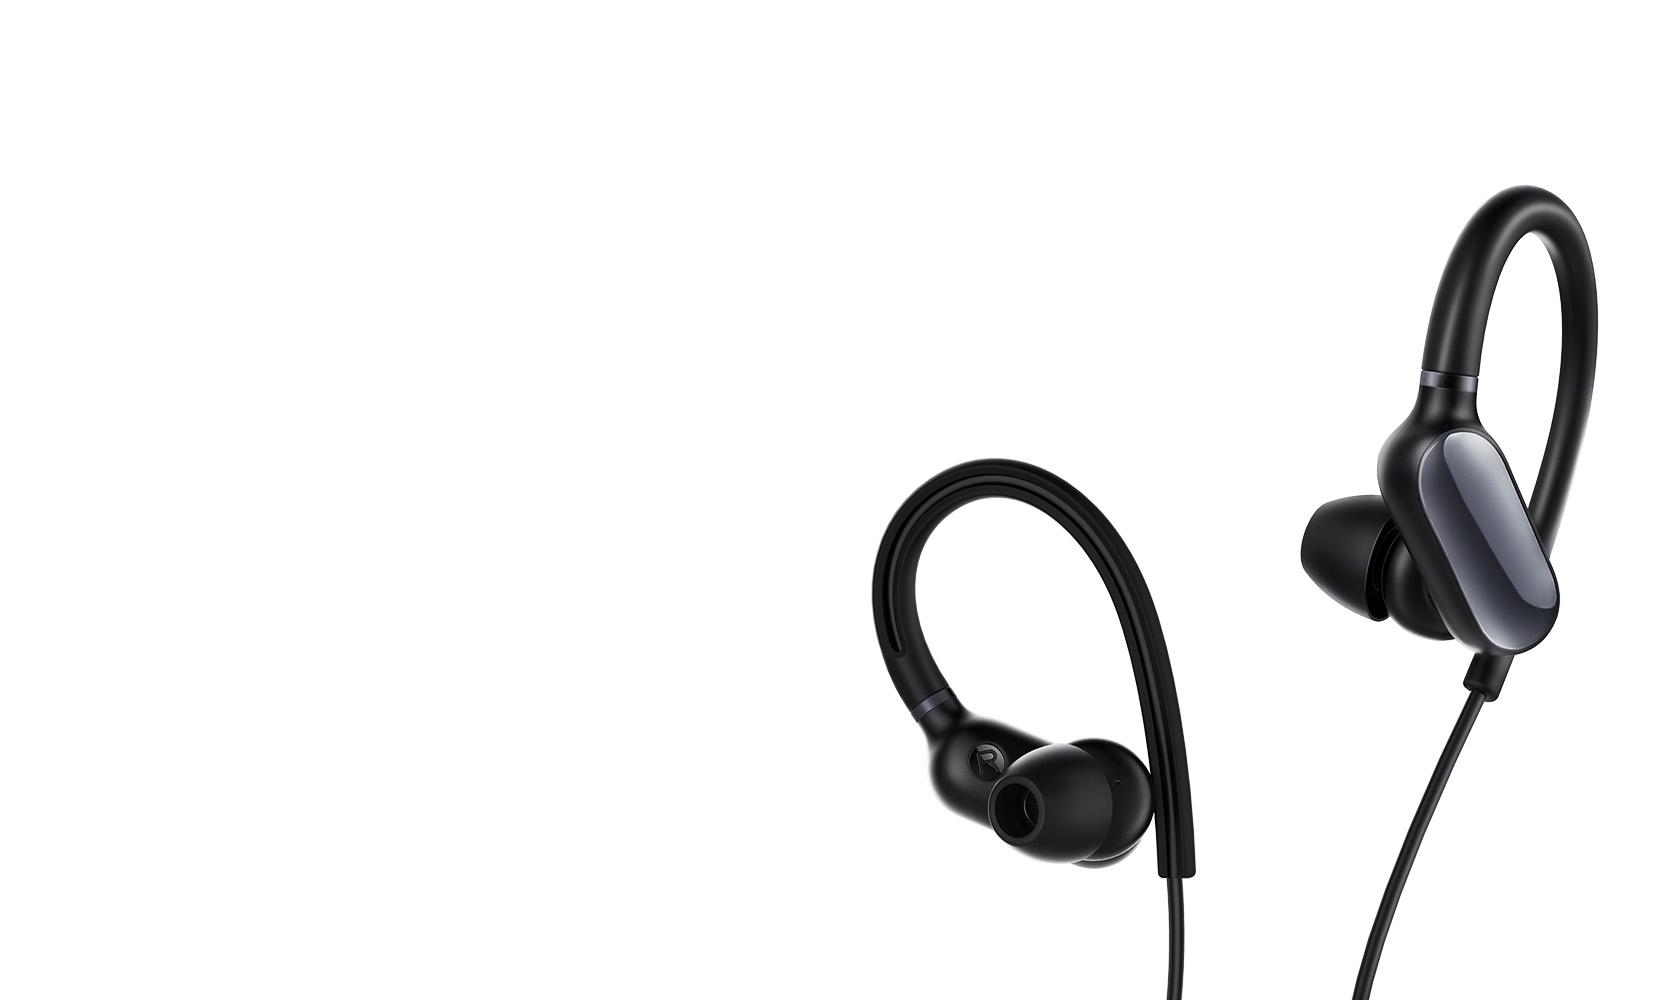 xiaomi mi sport bluetooth headset mini инструкция